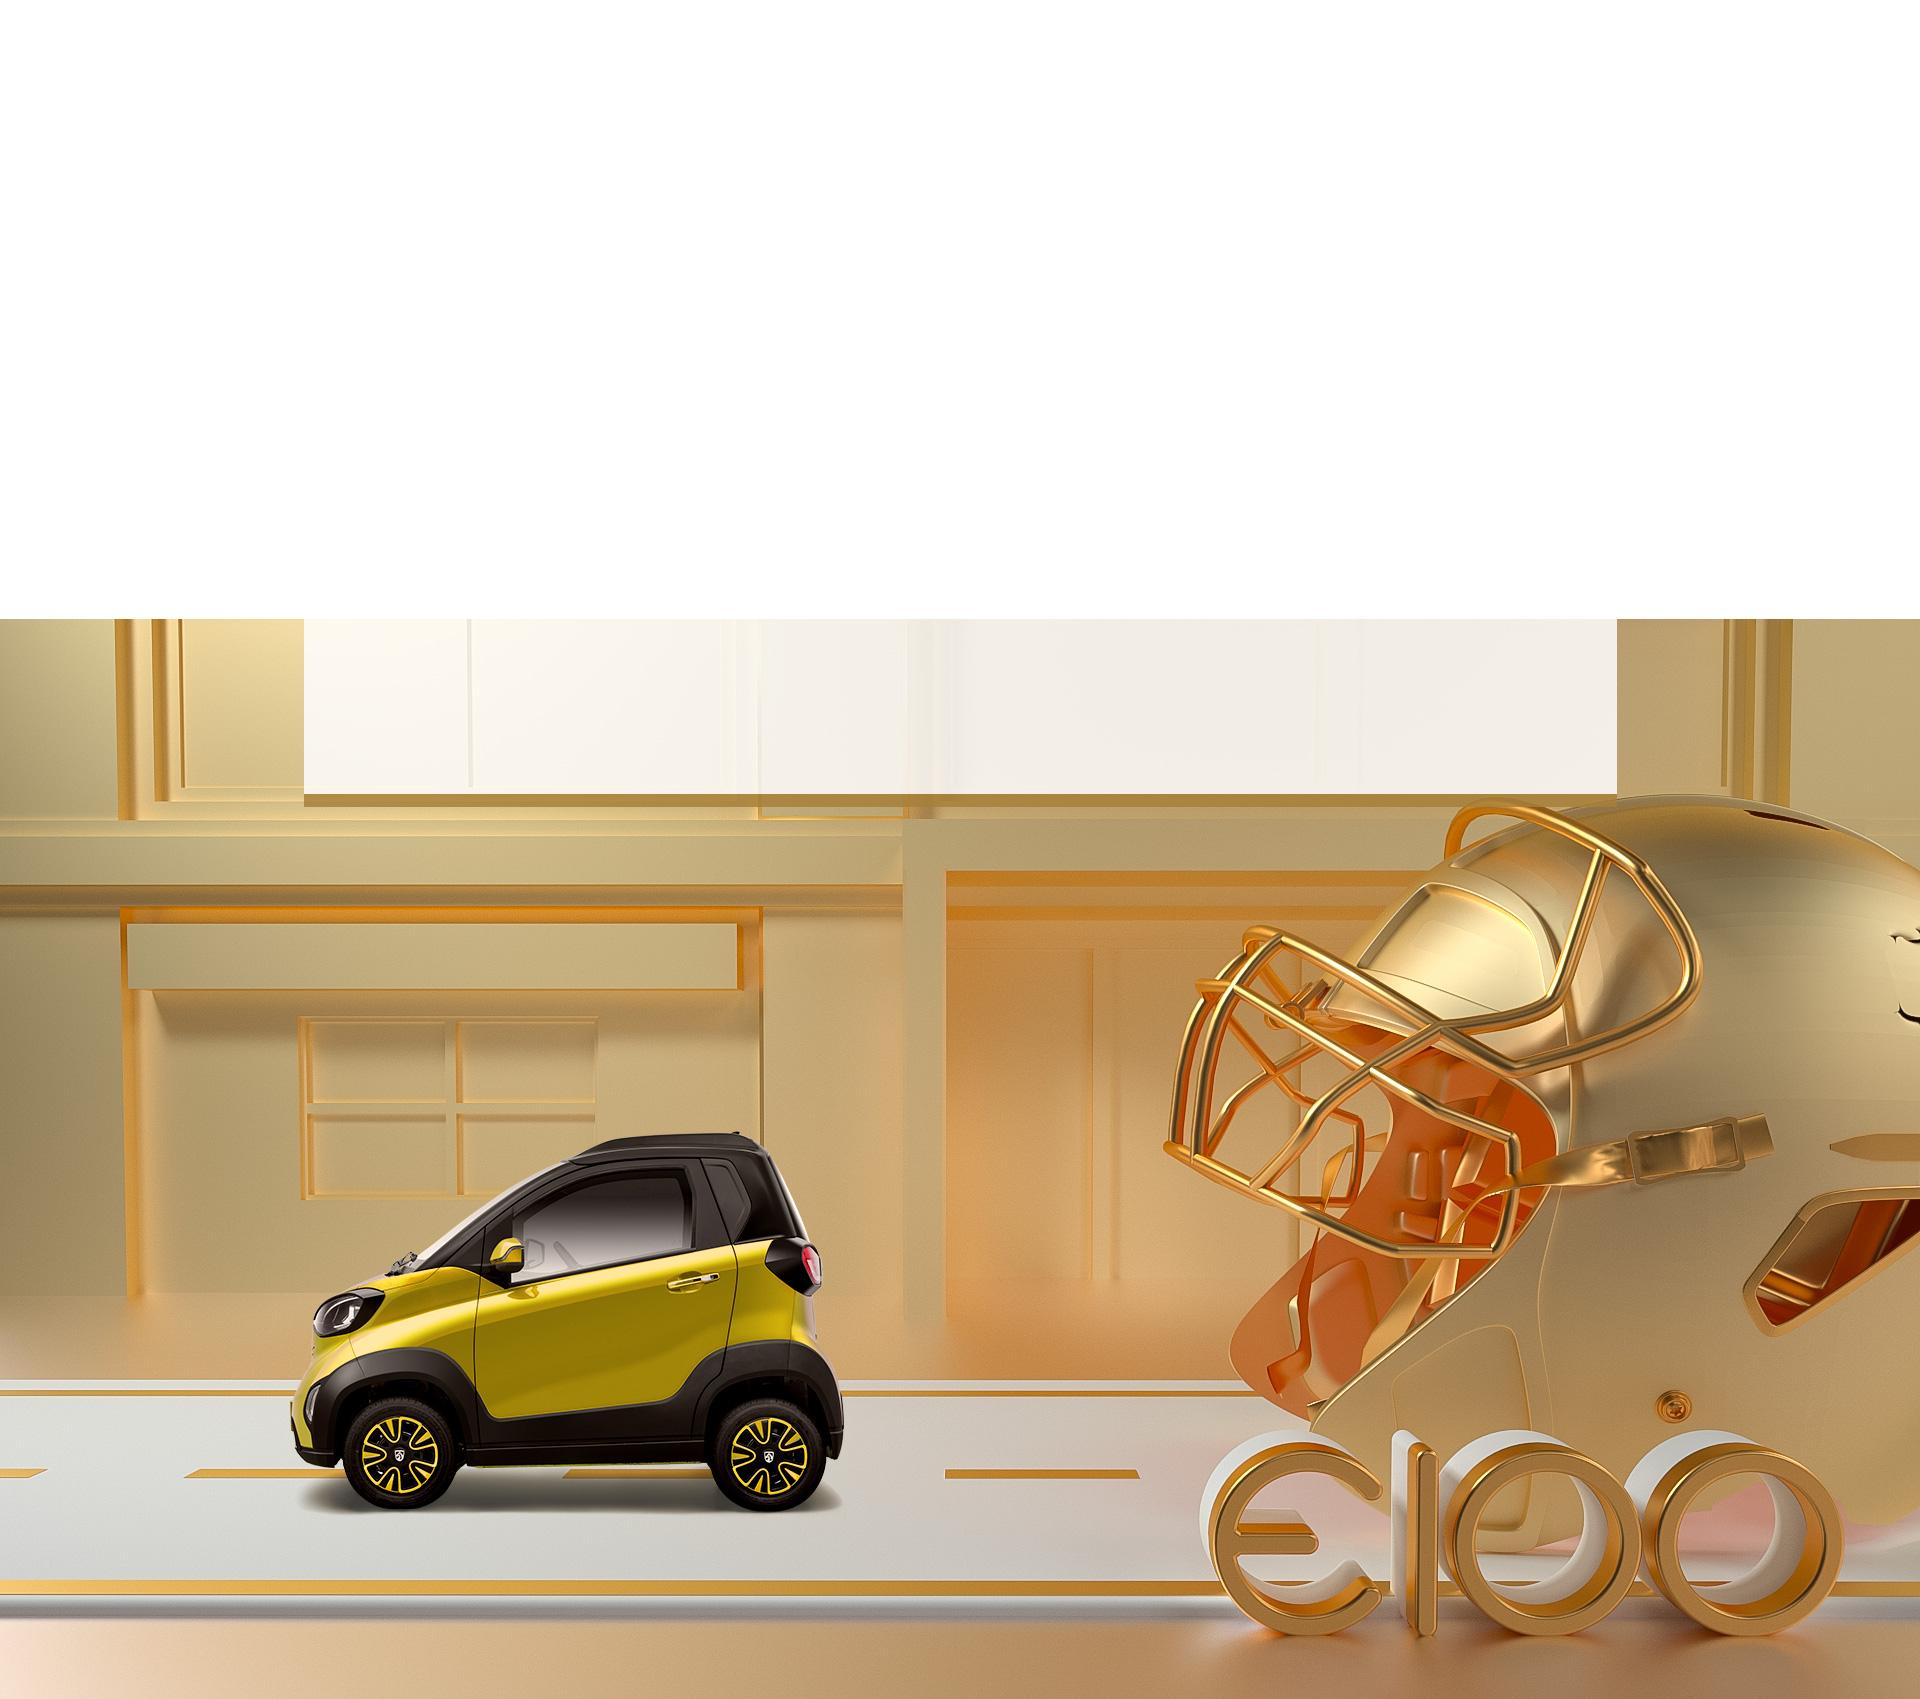 寶駿E100,電(dian)動汽車,新能源車,車身,充電(dian),品質,安全